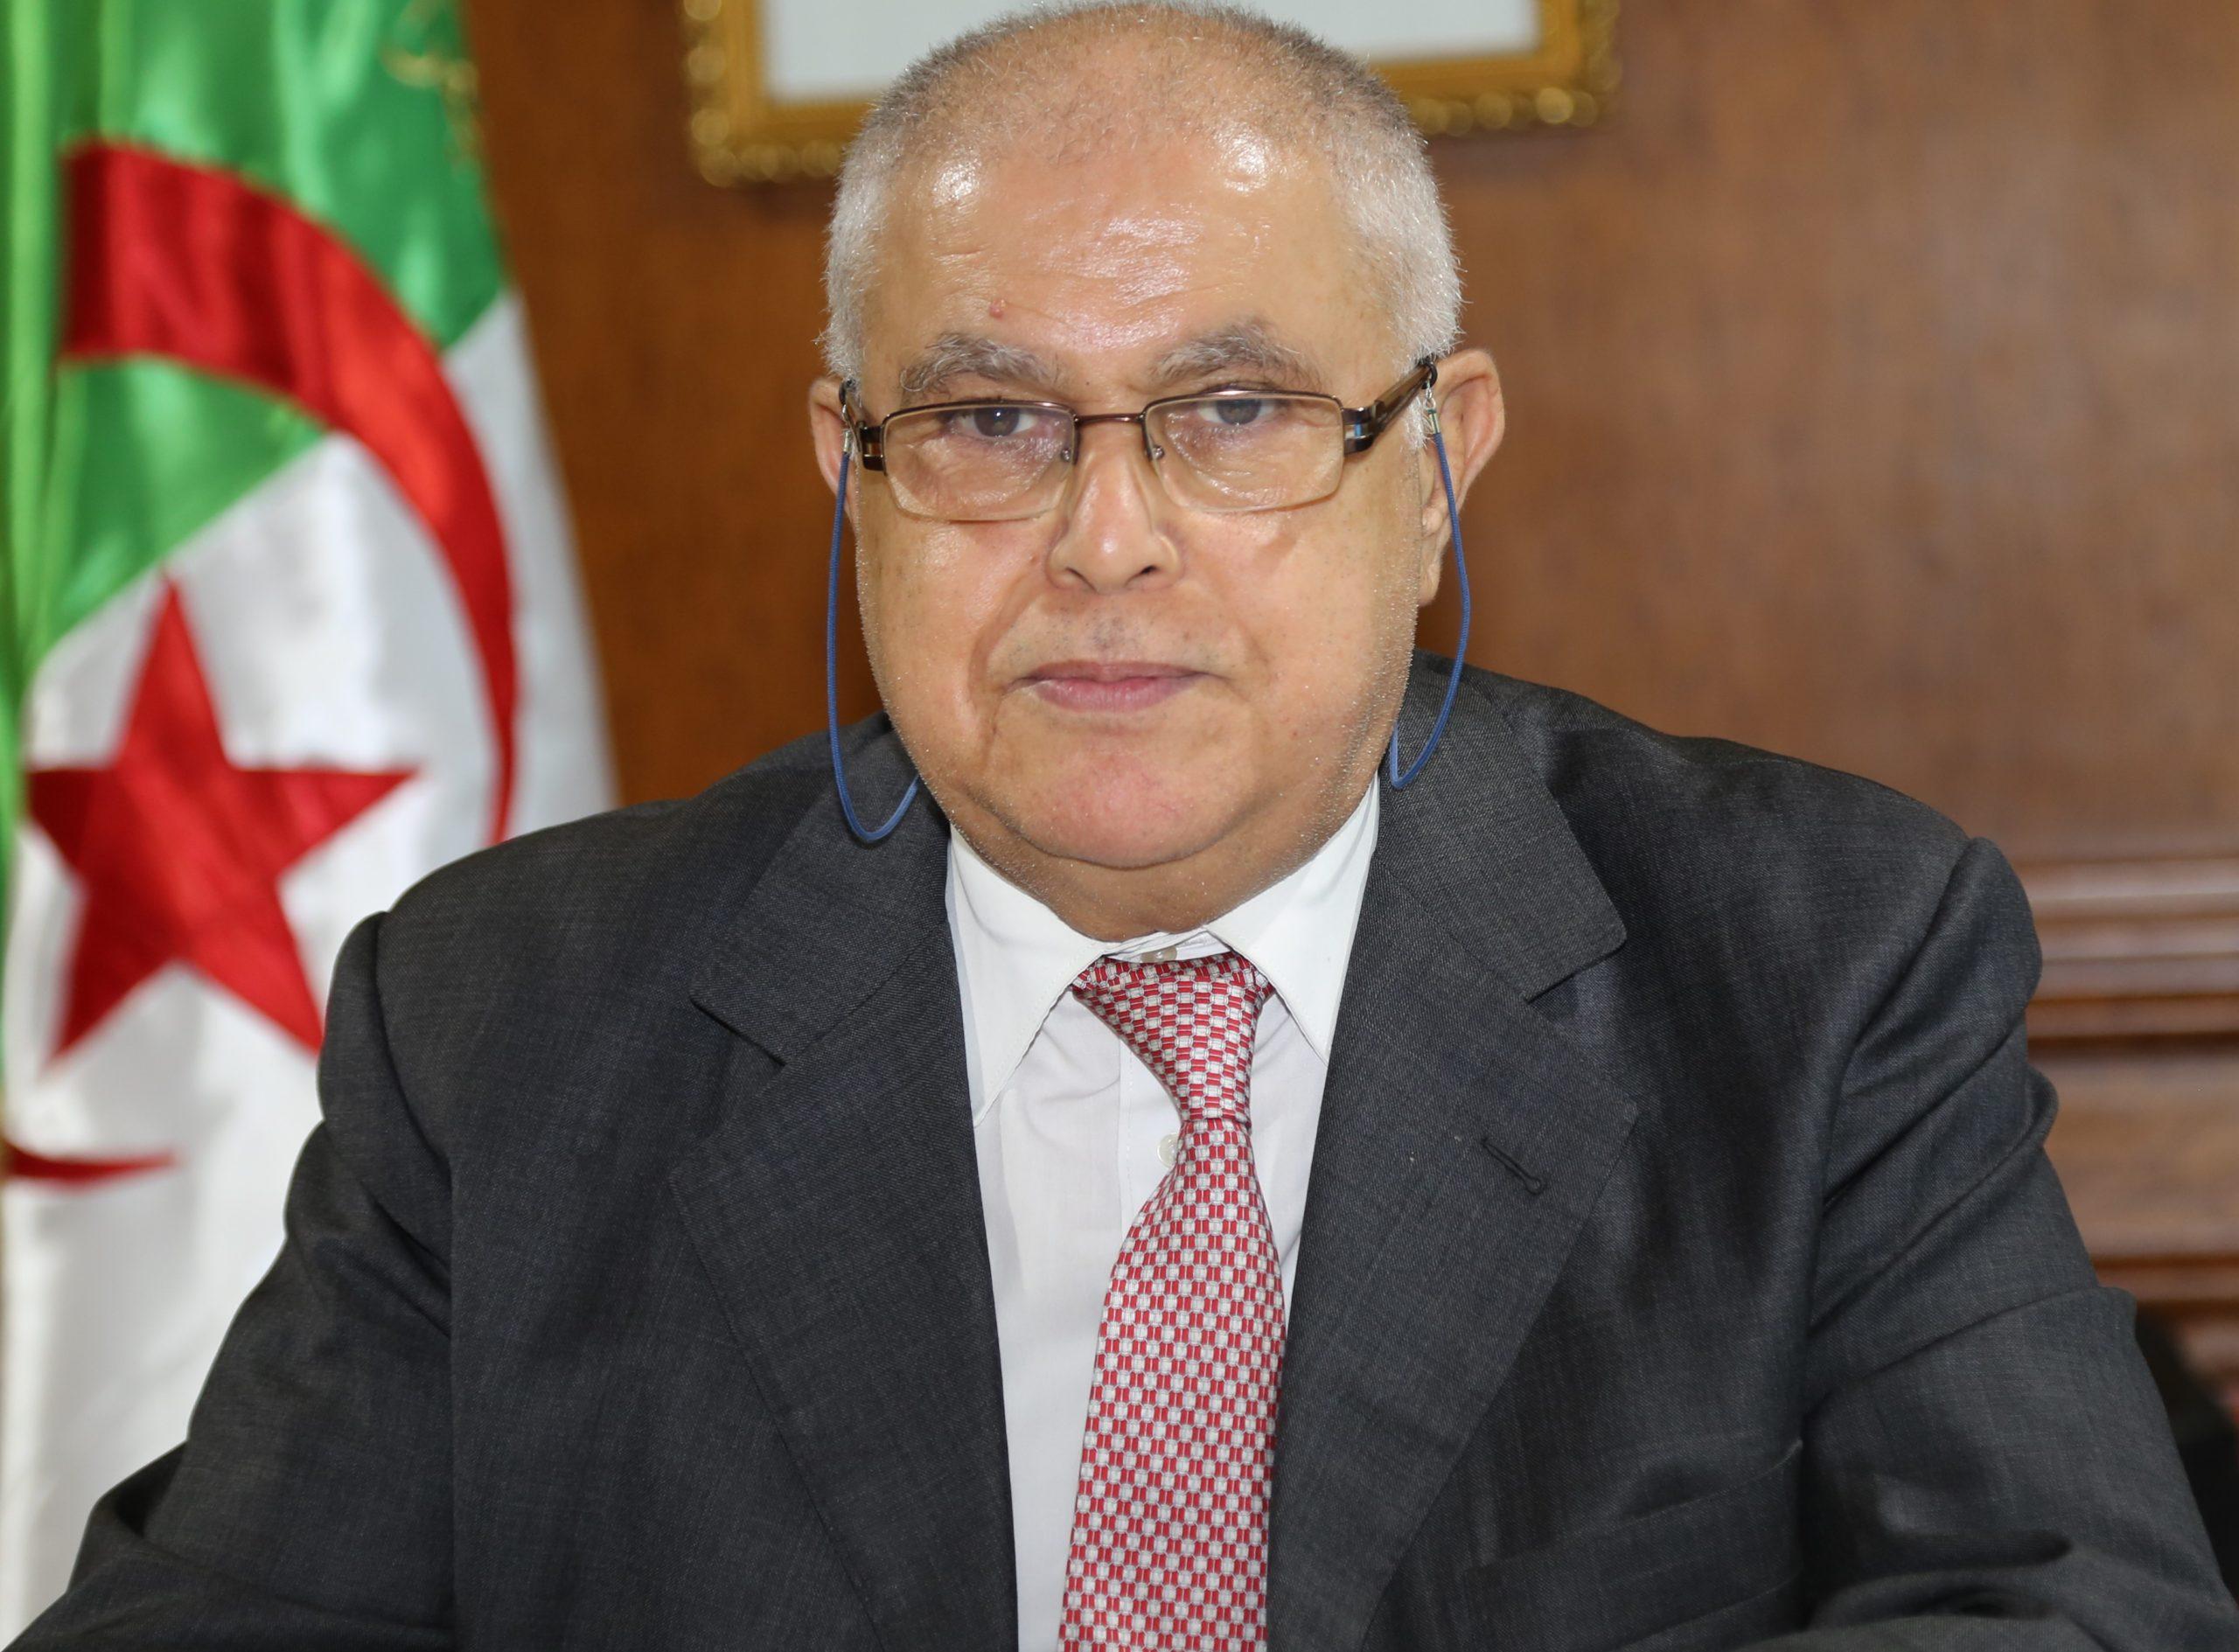 وزير الطاقة يفنّد انخفاض صادرات الجزائر